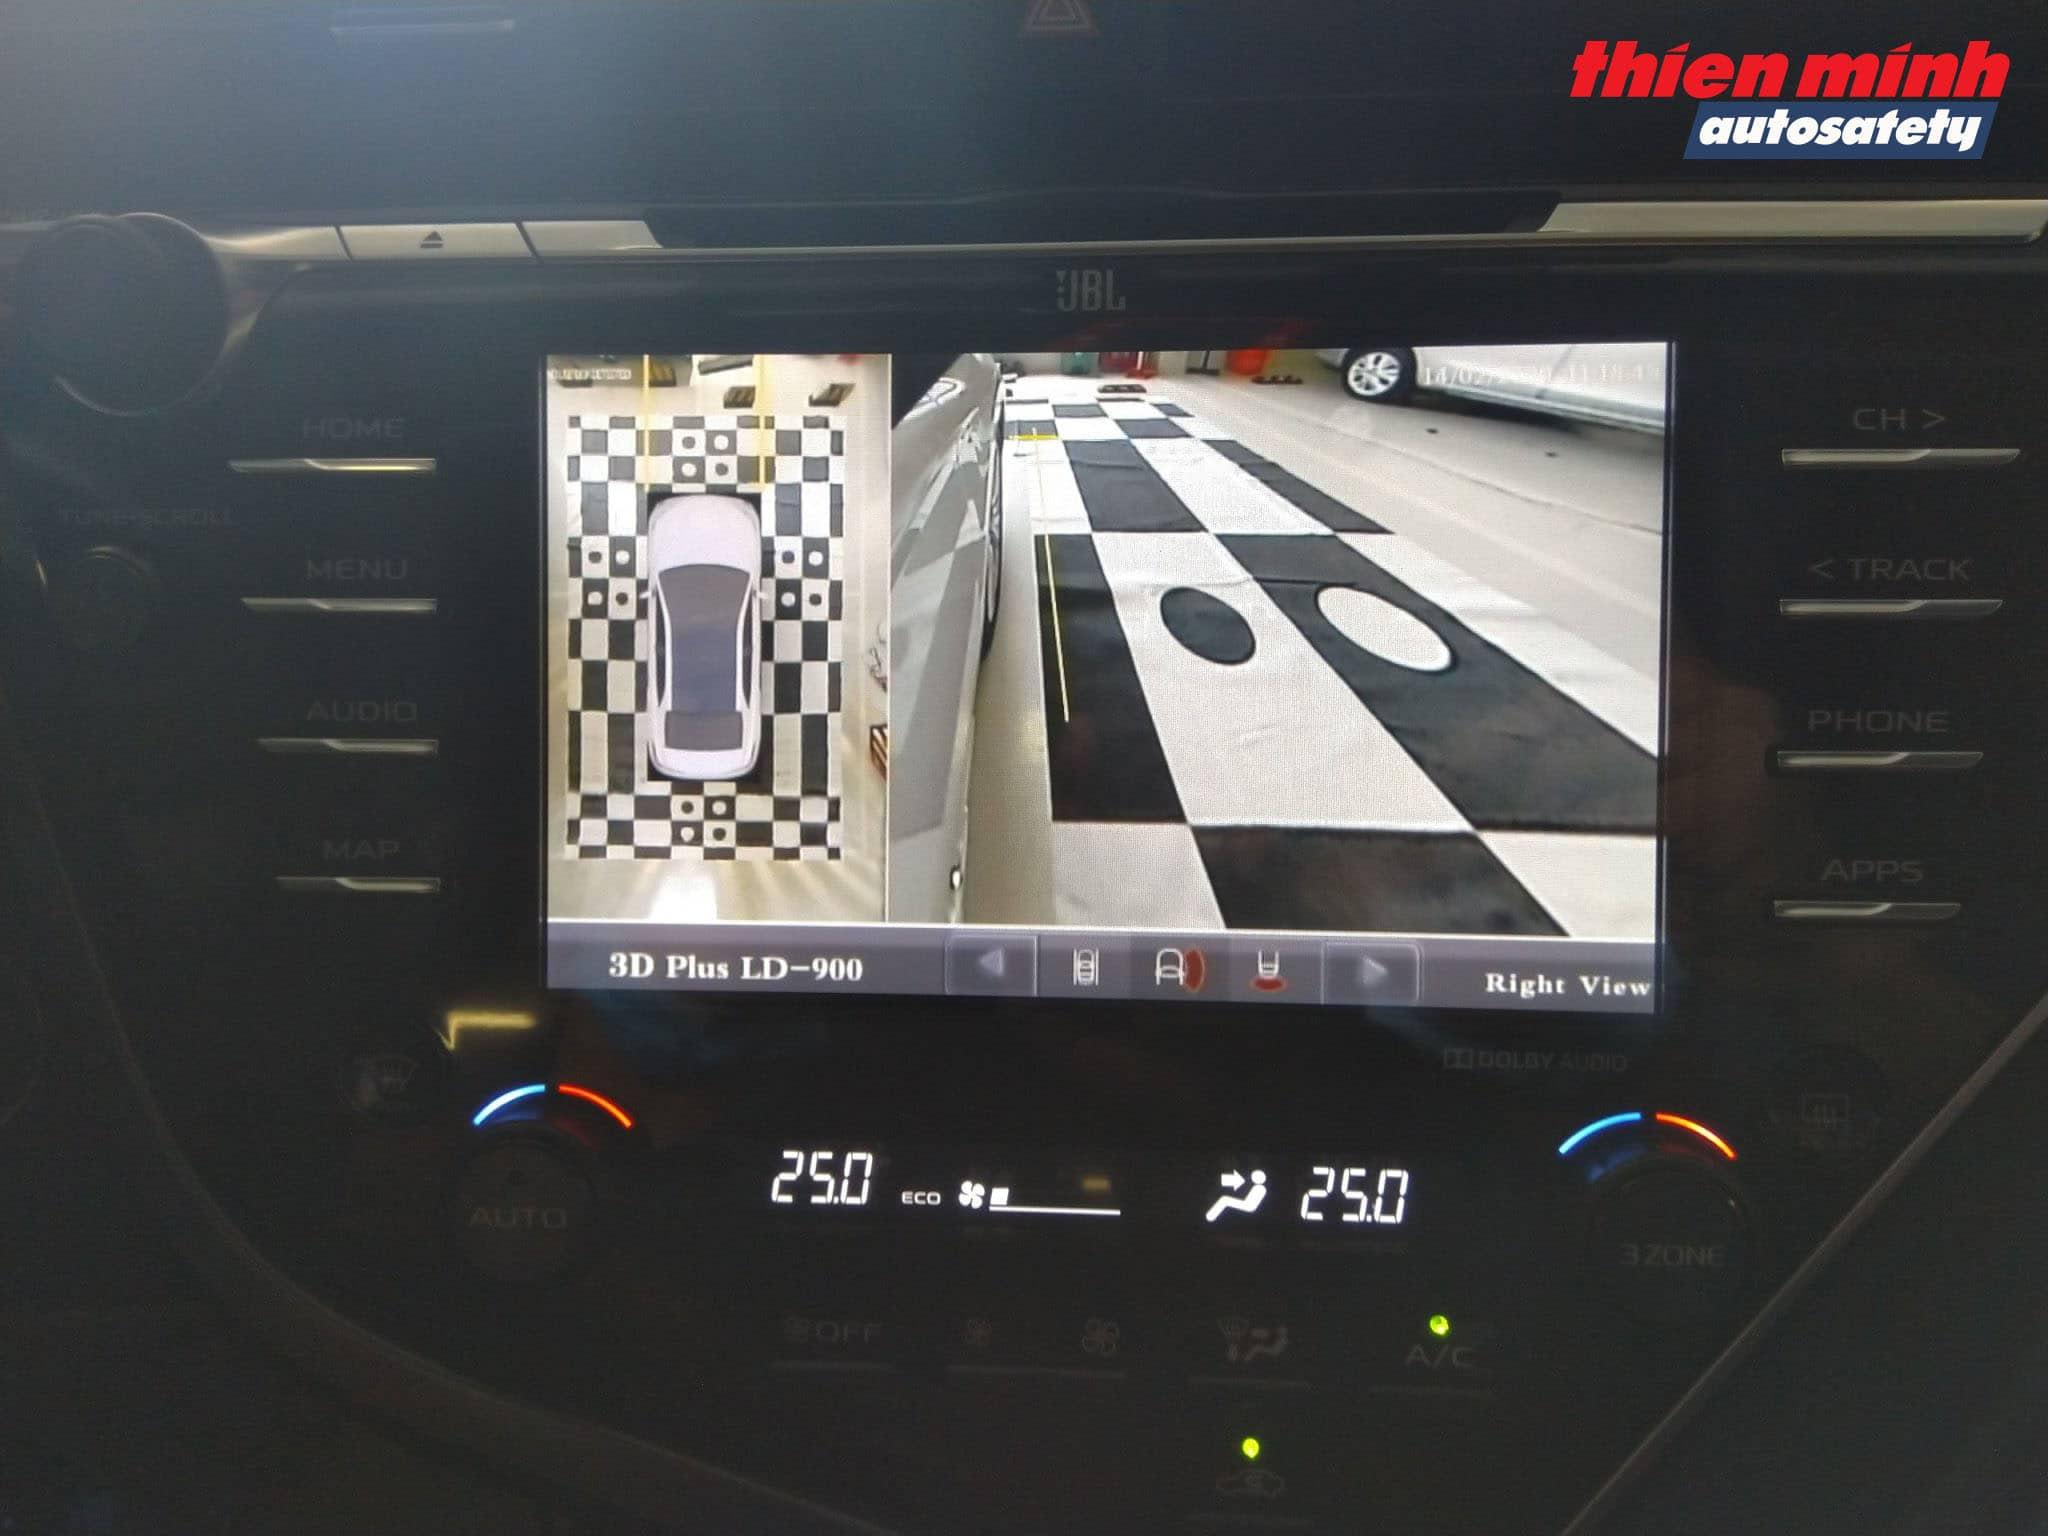 Góc hình Camera bánh xe phải phía trước